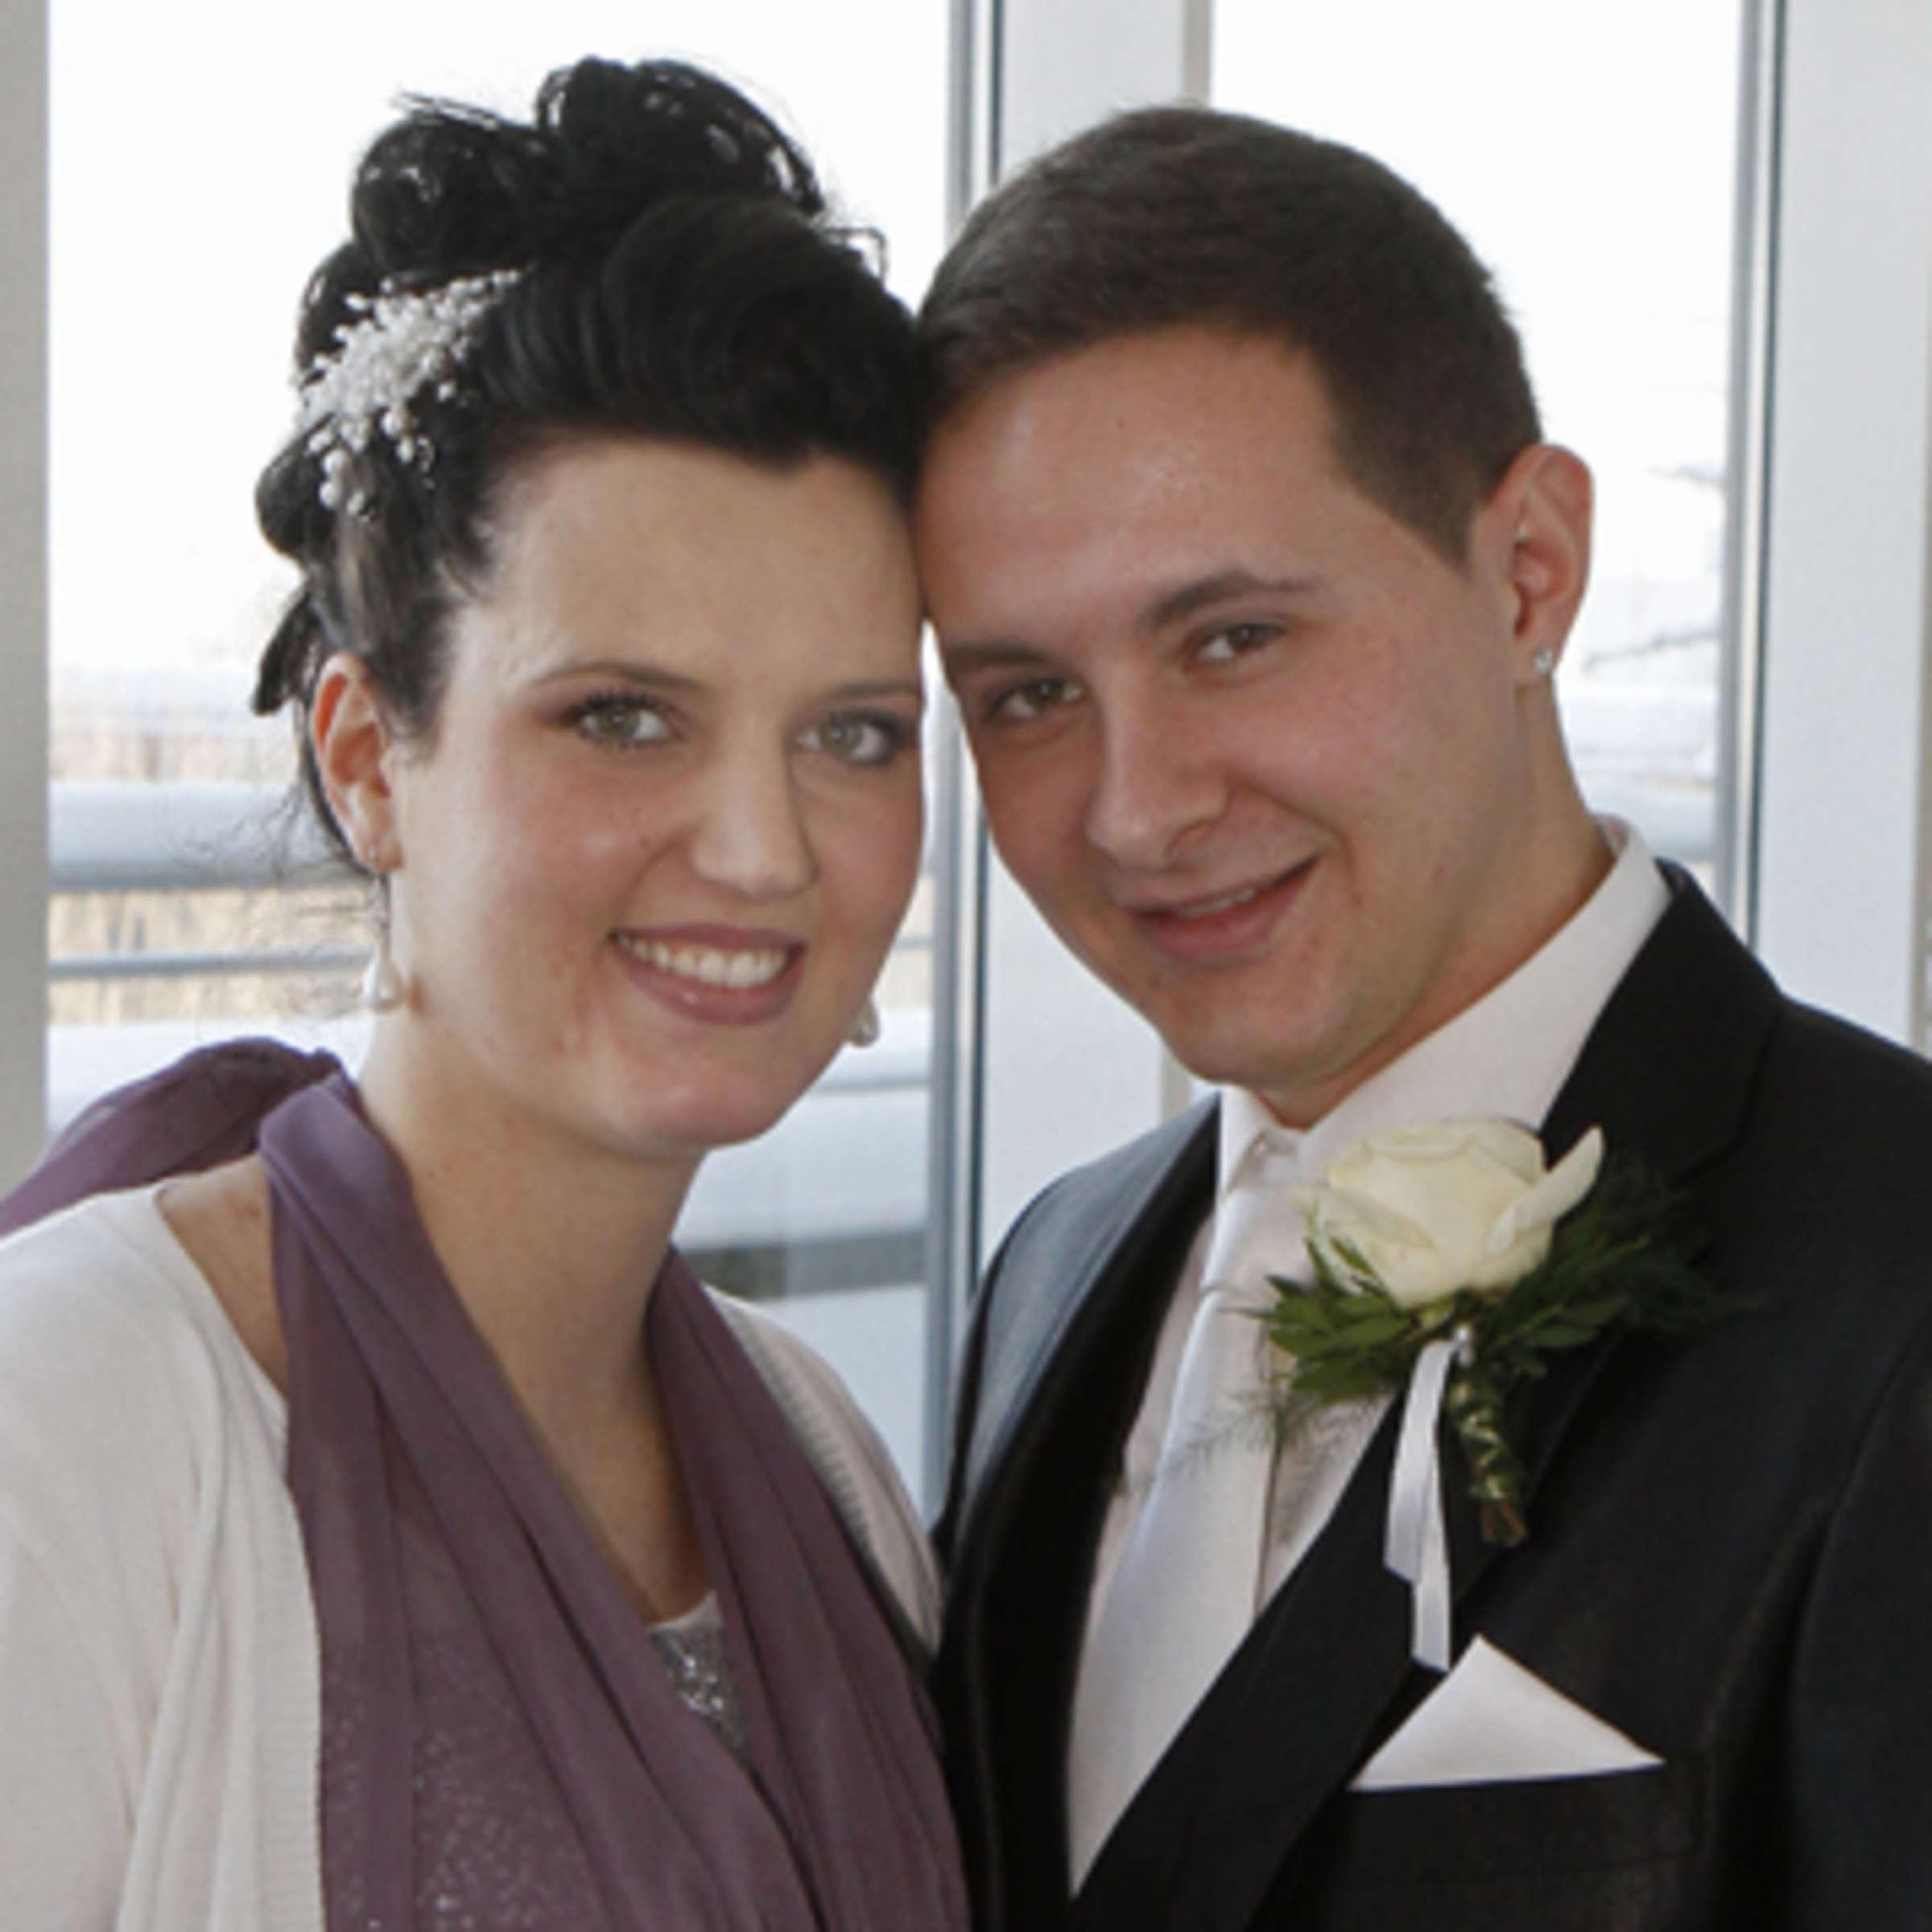 Steuern Sparen Heiraten Auf Den Letzten Drucker Stadt